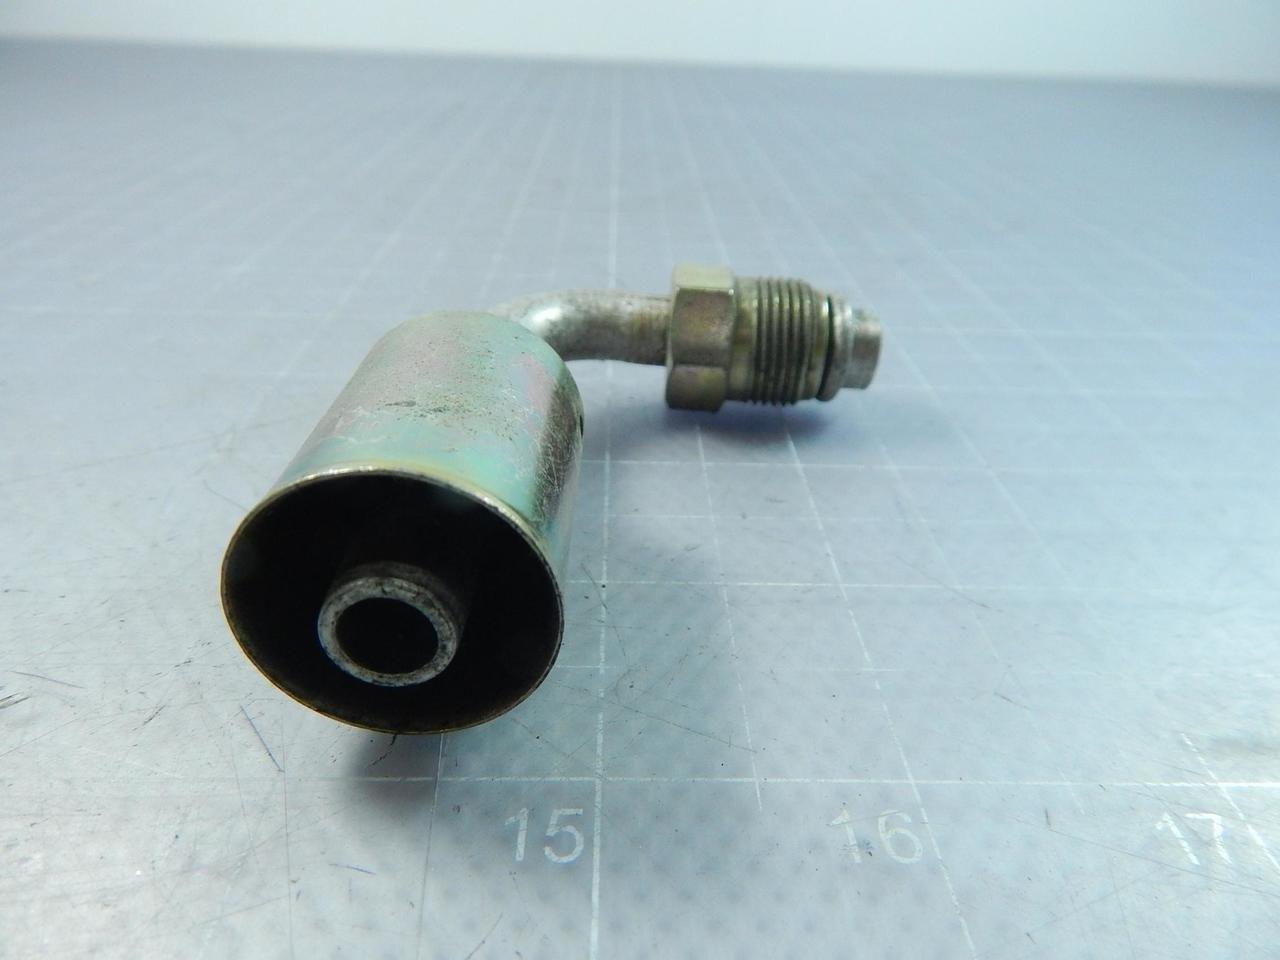 13-32 Male SAE Tube PolarSeal 8ACA-8MTON90 O-Ring Nut Elbow